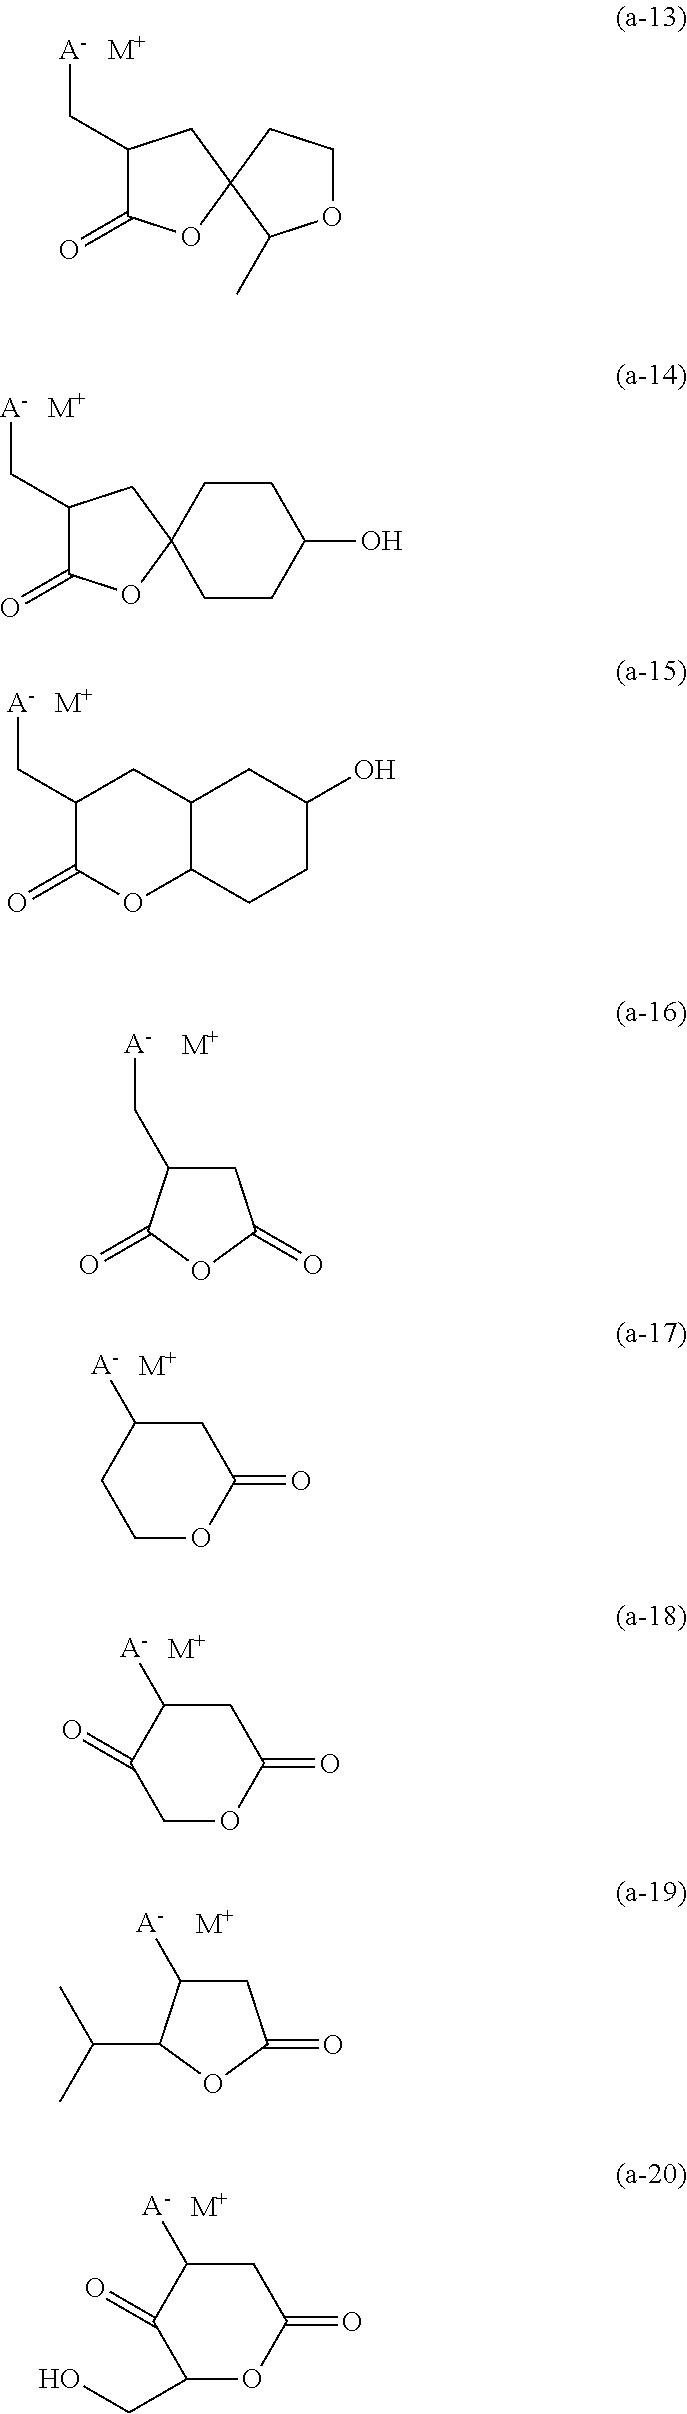 Figure US09477149-20161025-C00015